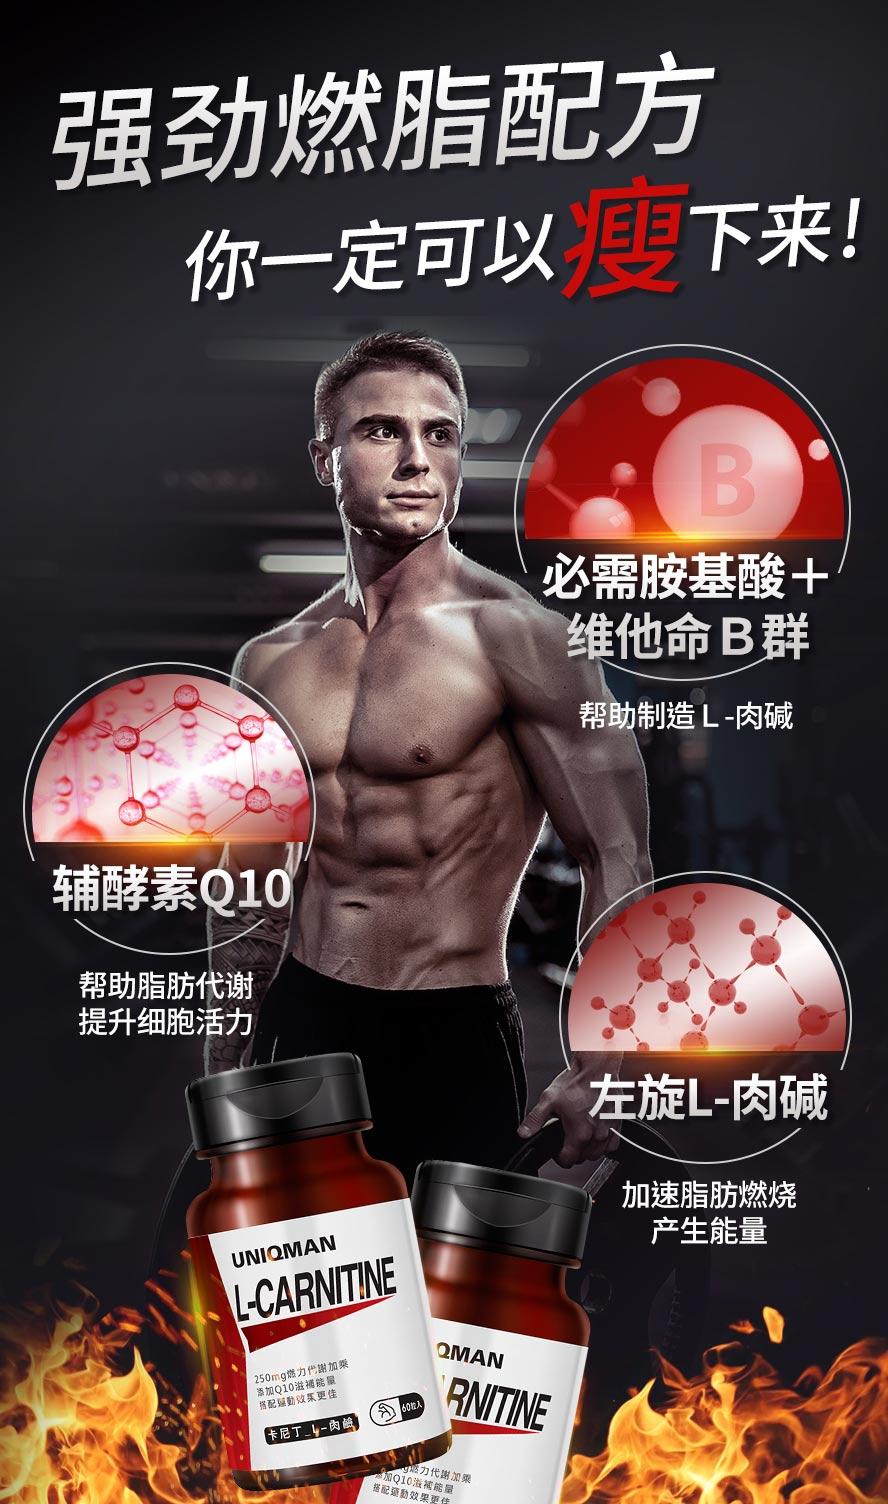 左旋肉碱又称脂肪的搬运工,主要运送脂肪至细胞内燃烧,转化成能量